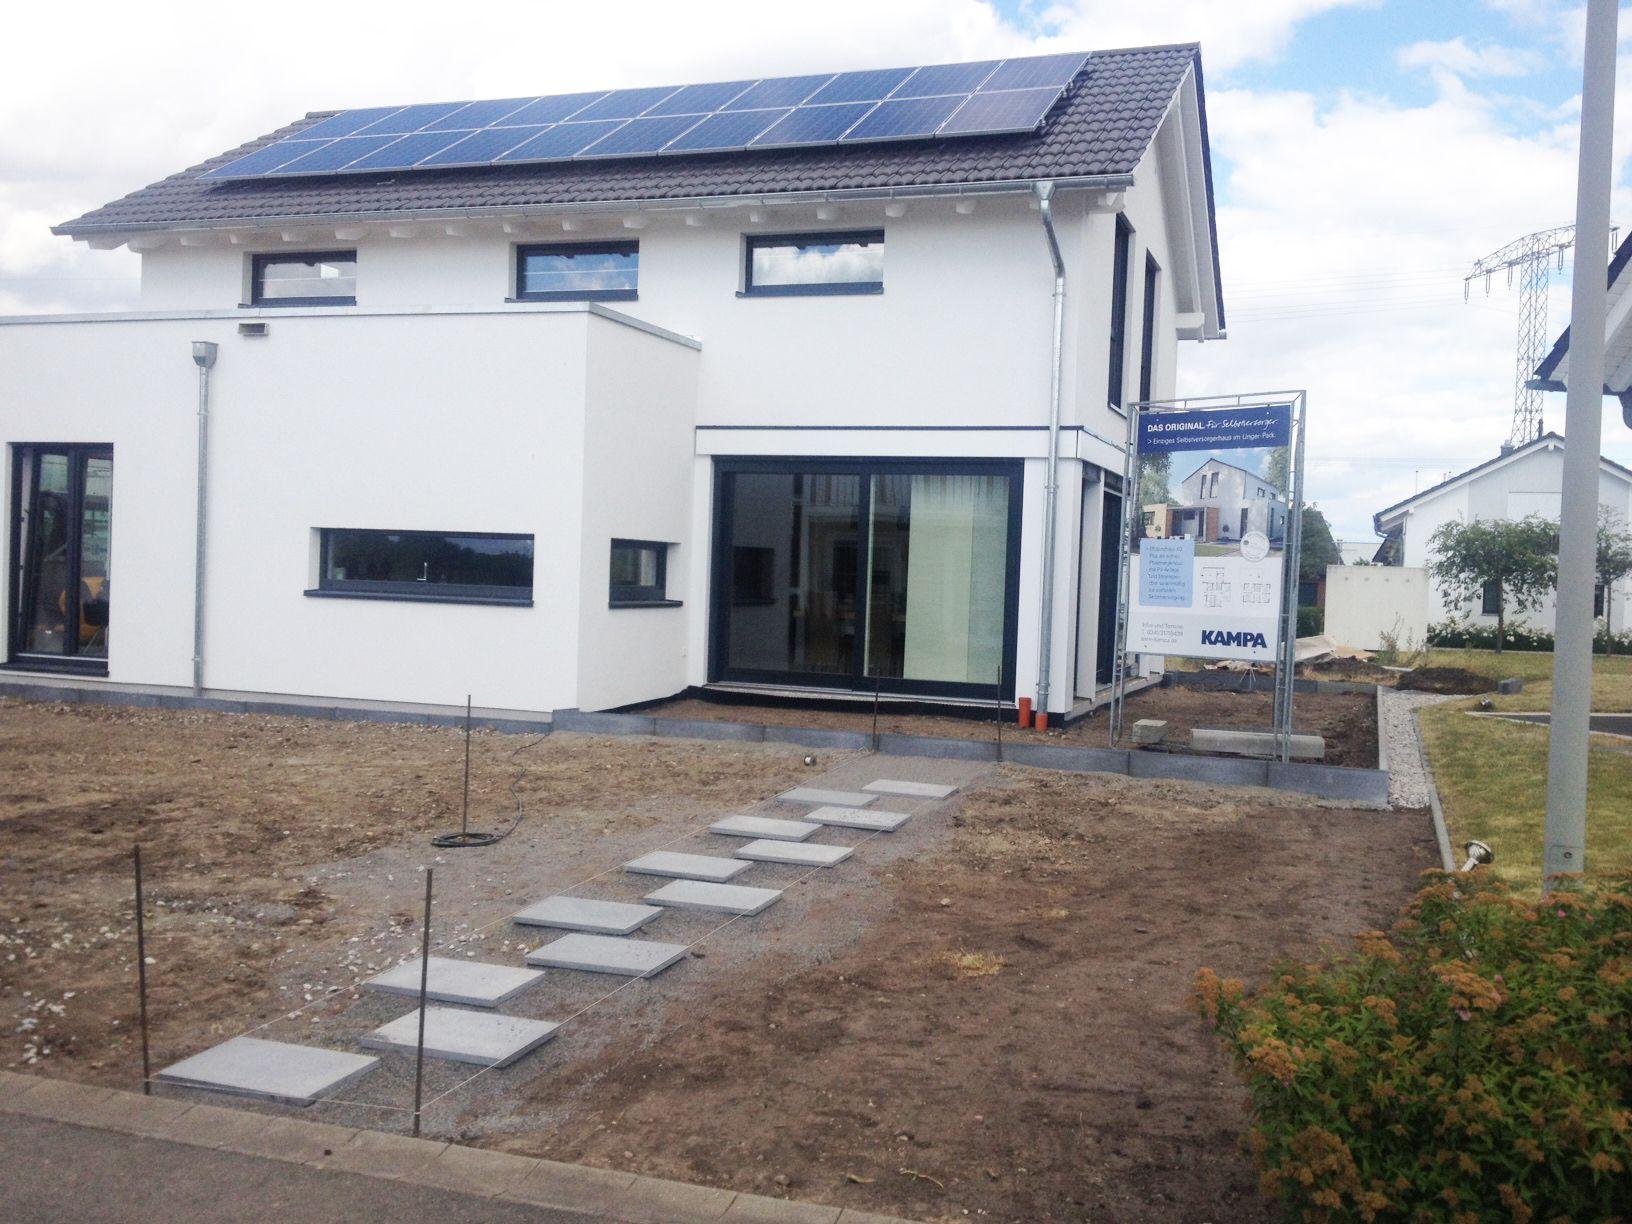 06 juli 2016 endspurt die au enanlagen werden for Haus bauen 2016